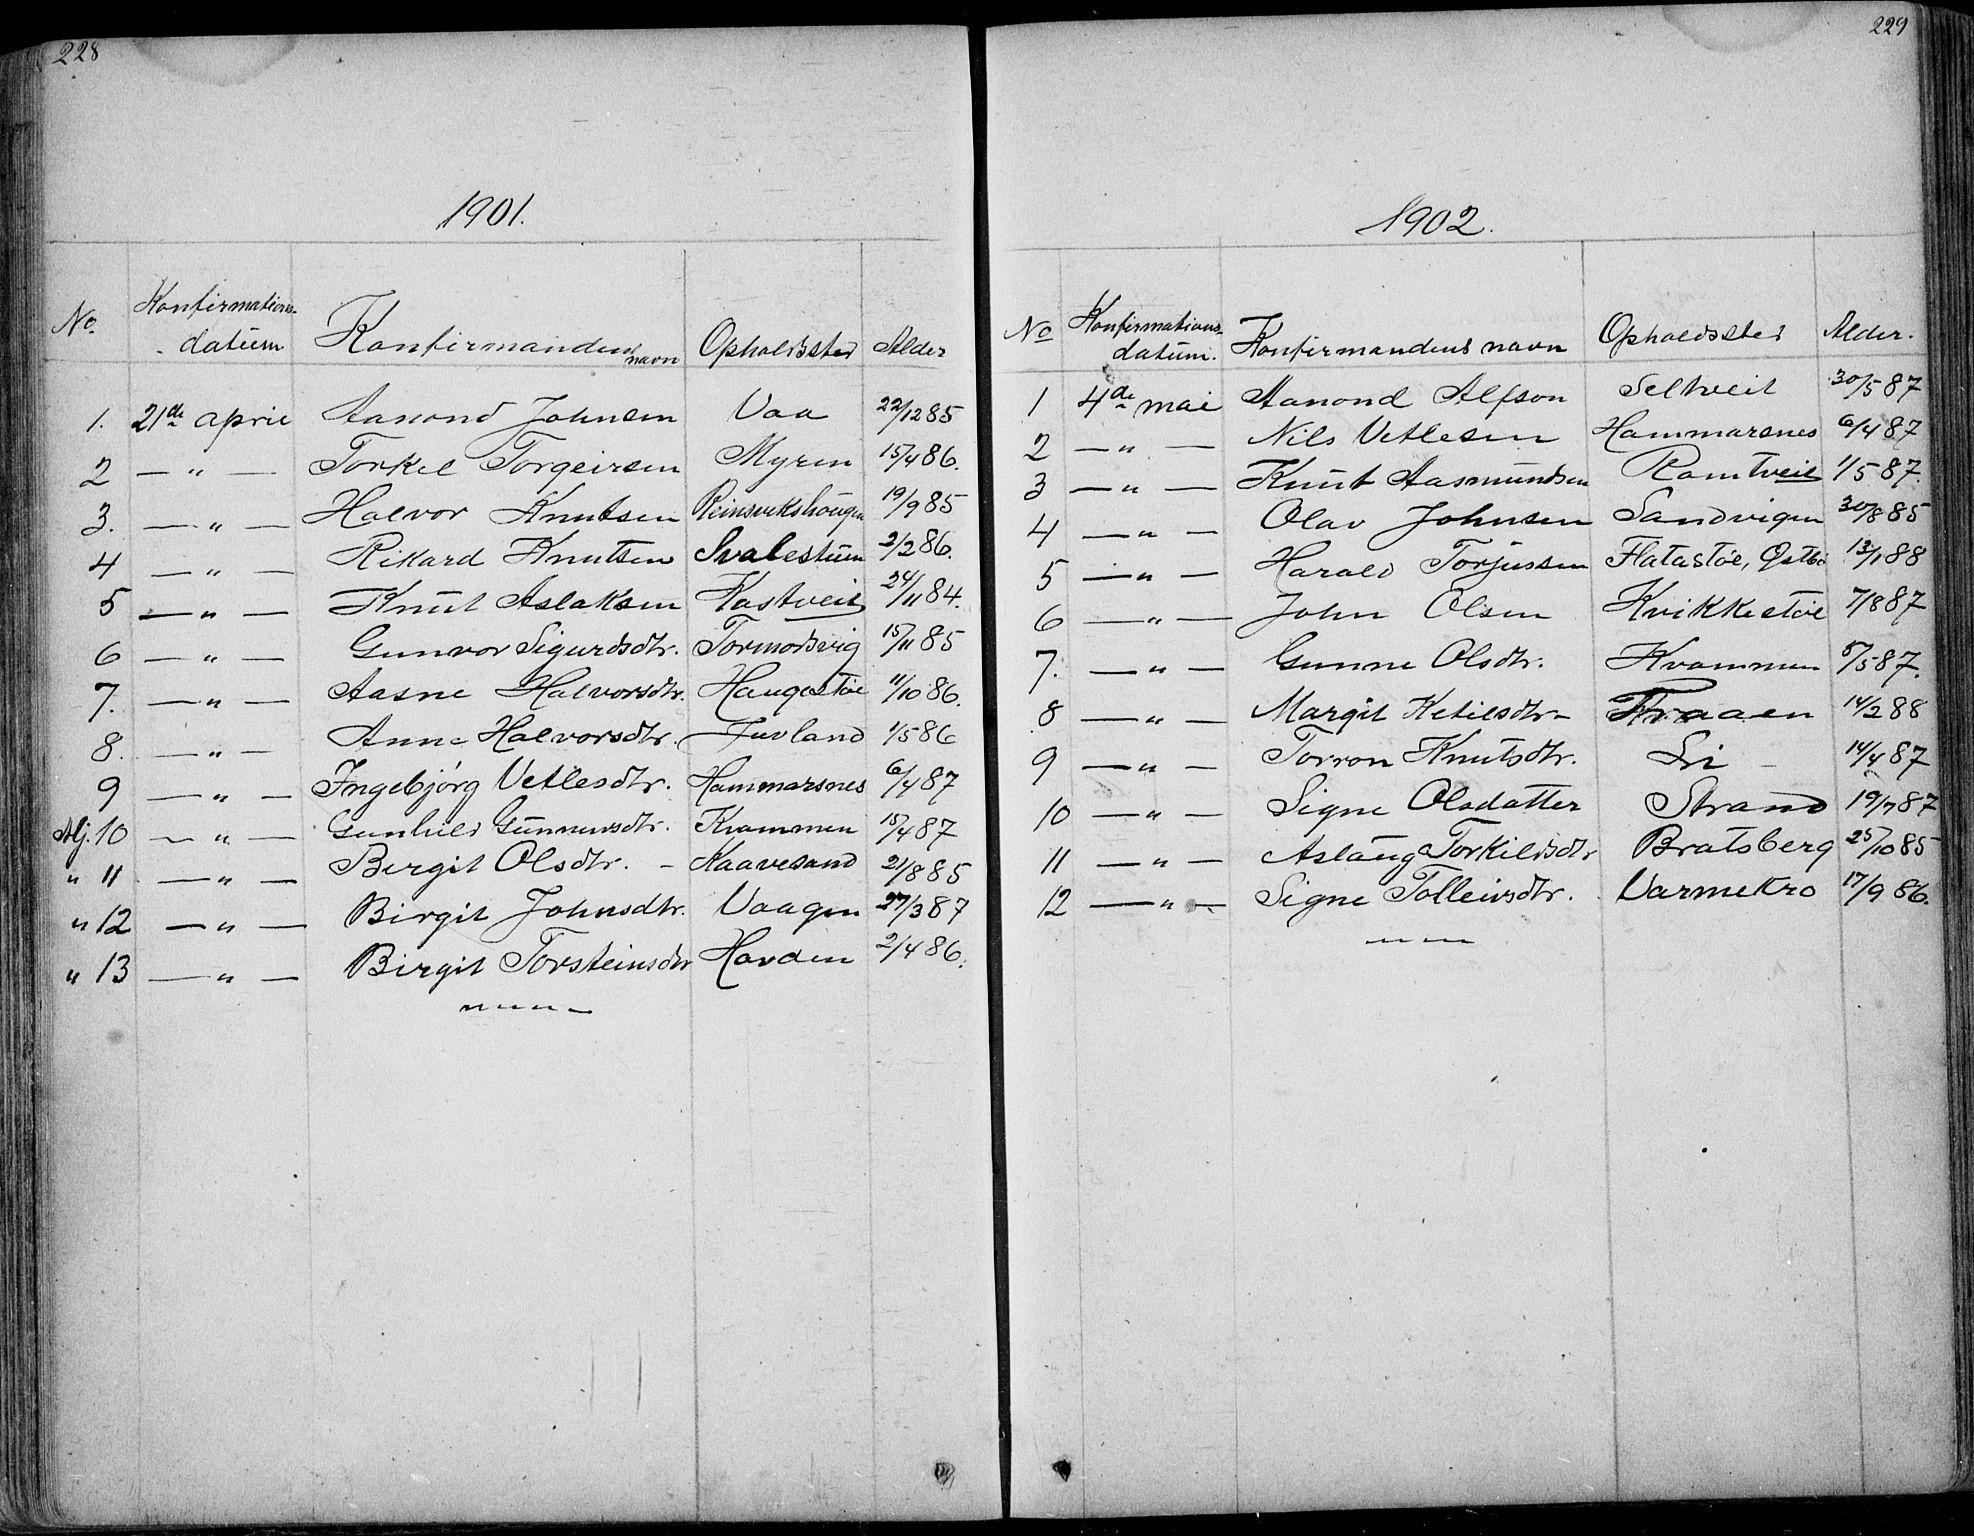 SAKO, Rauland kirkebøker, G/Ga/L0002: Klokkerbok nr. I 2, 1849-1935, s. 228-229